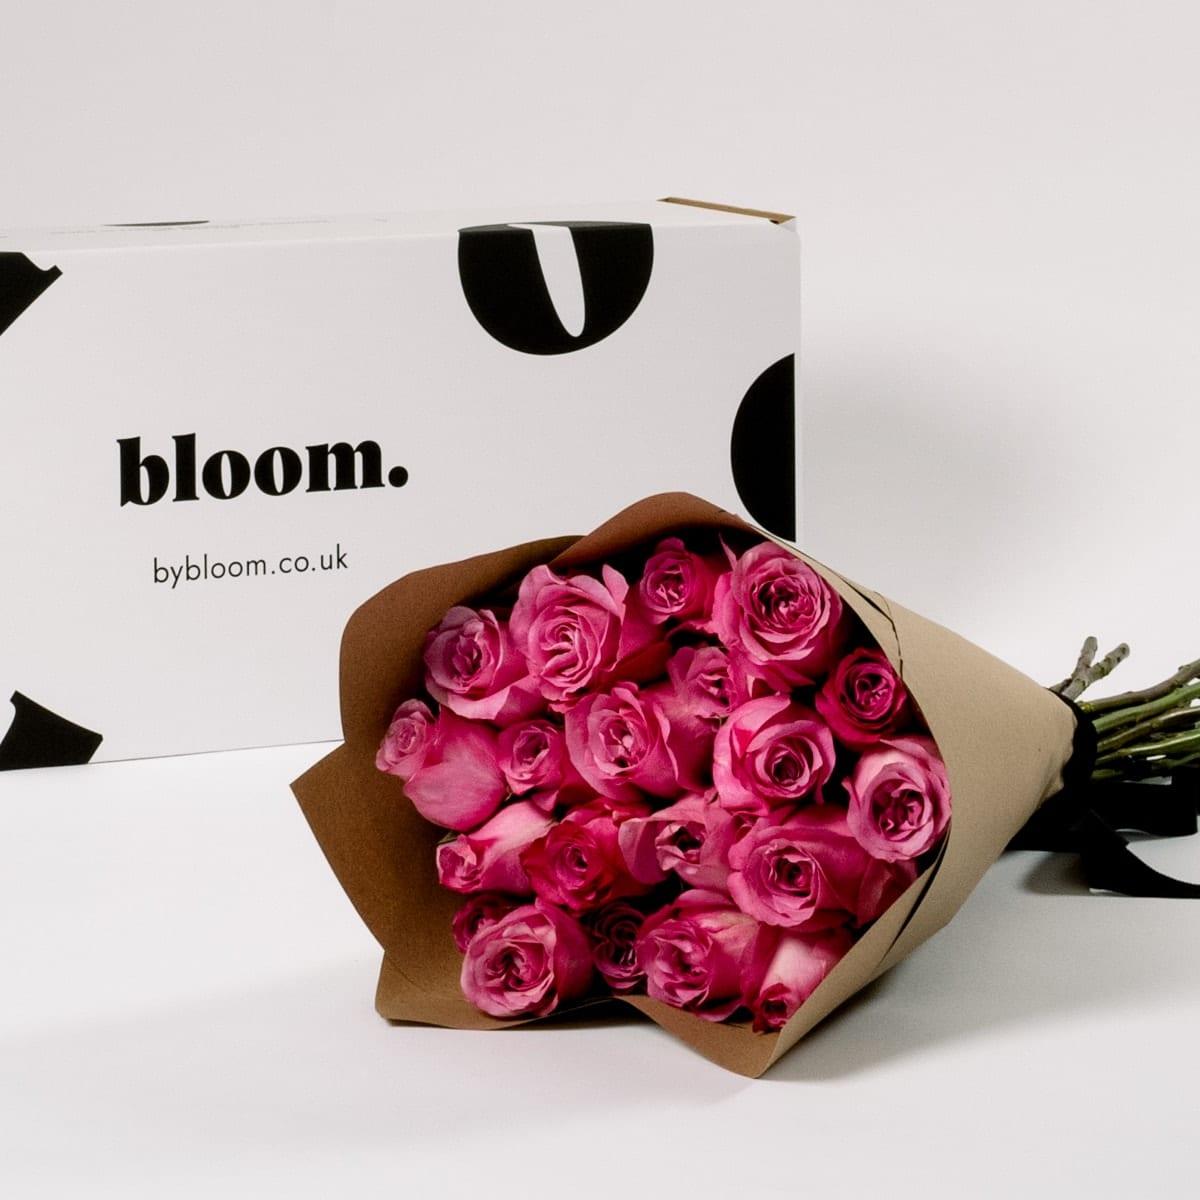 Bloom Flower Delivery | Cerise Pink Rose